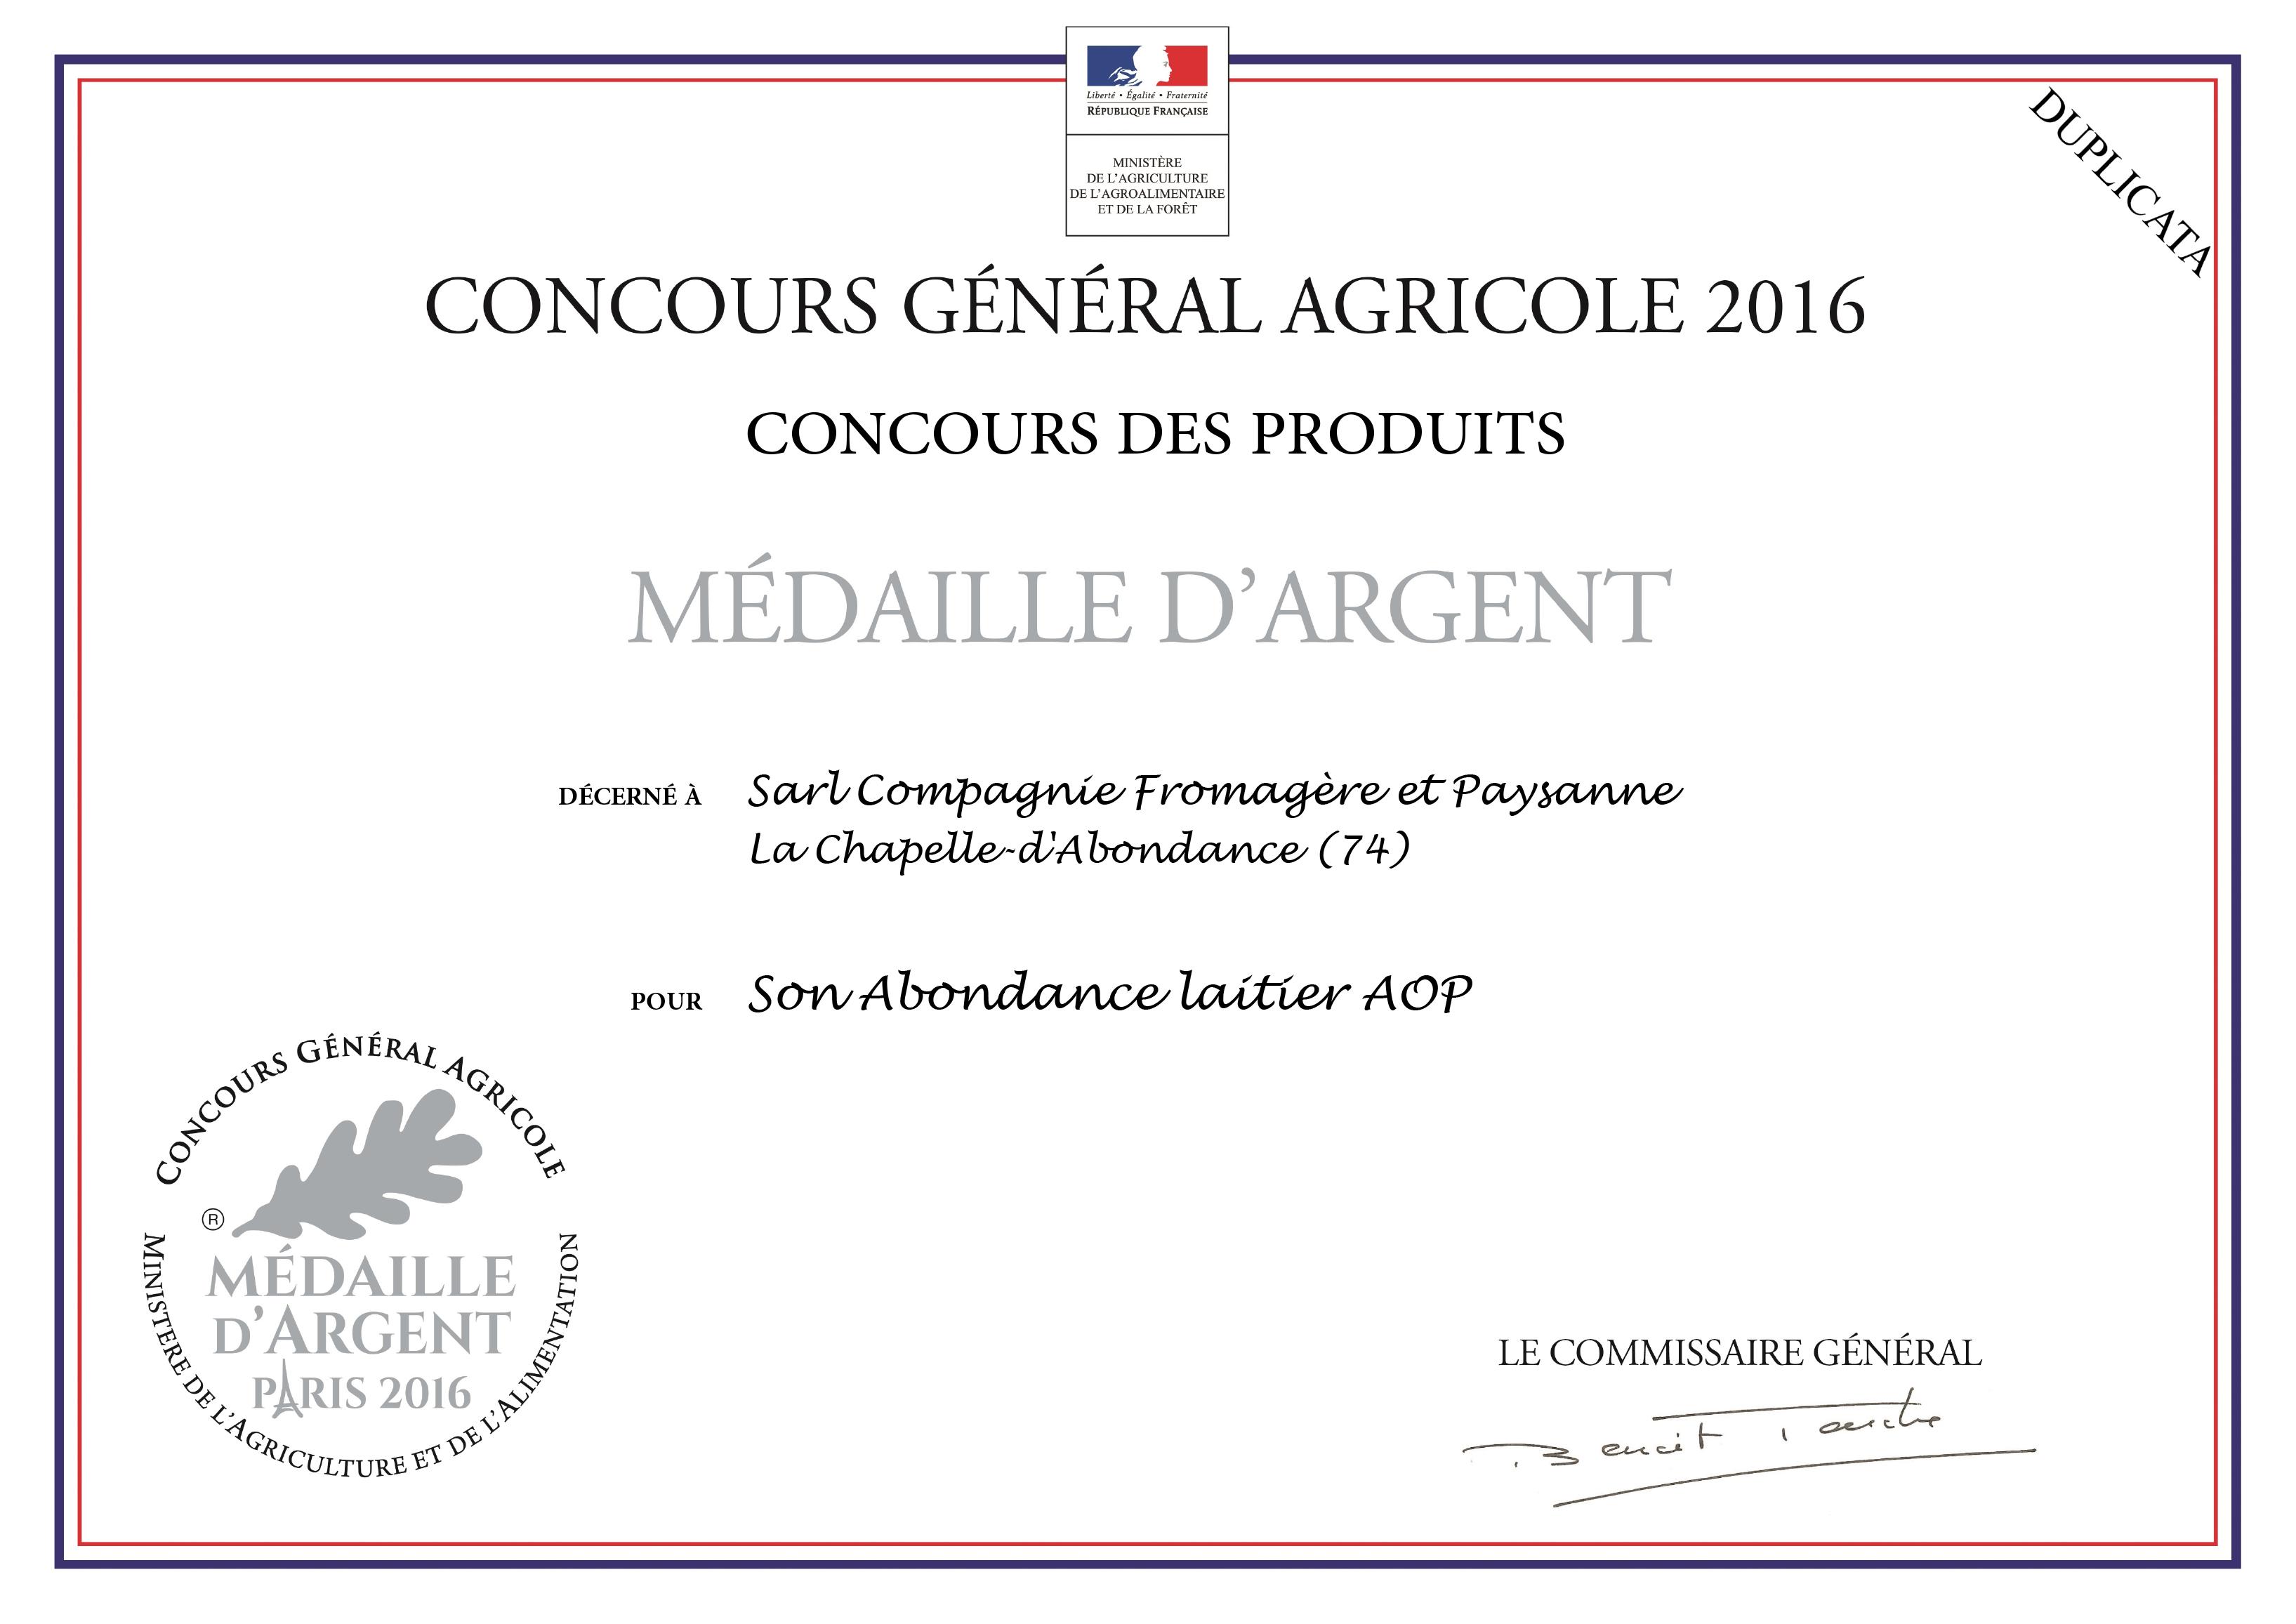 Médaille d'argent  pour l'Abondance laitier AOP 2018